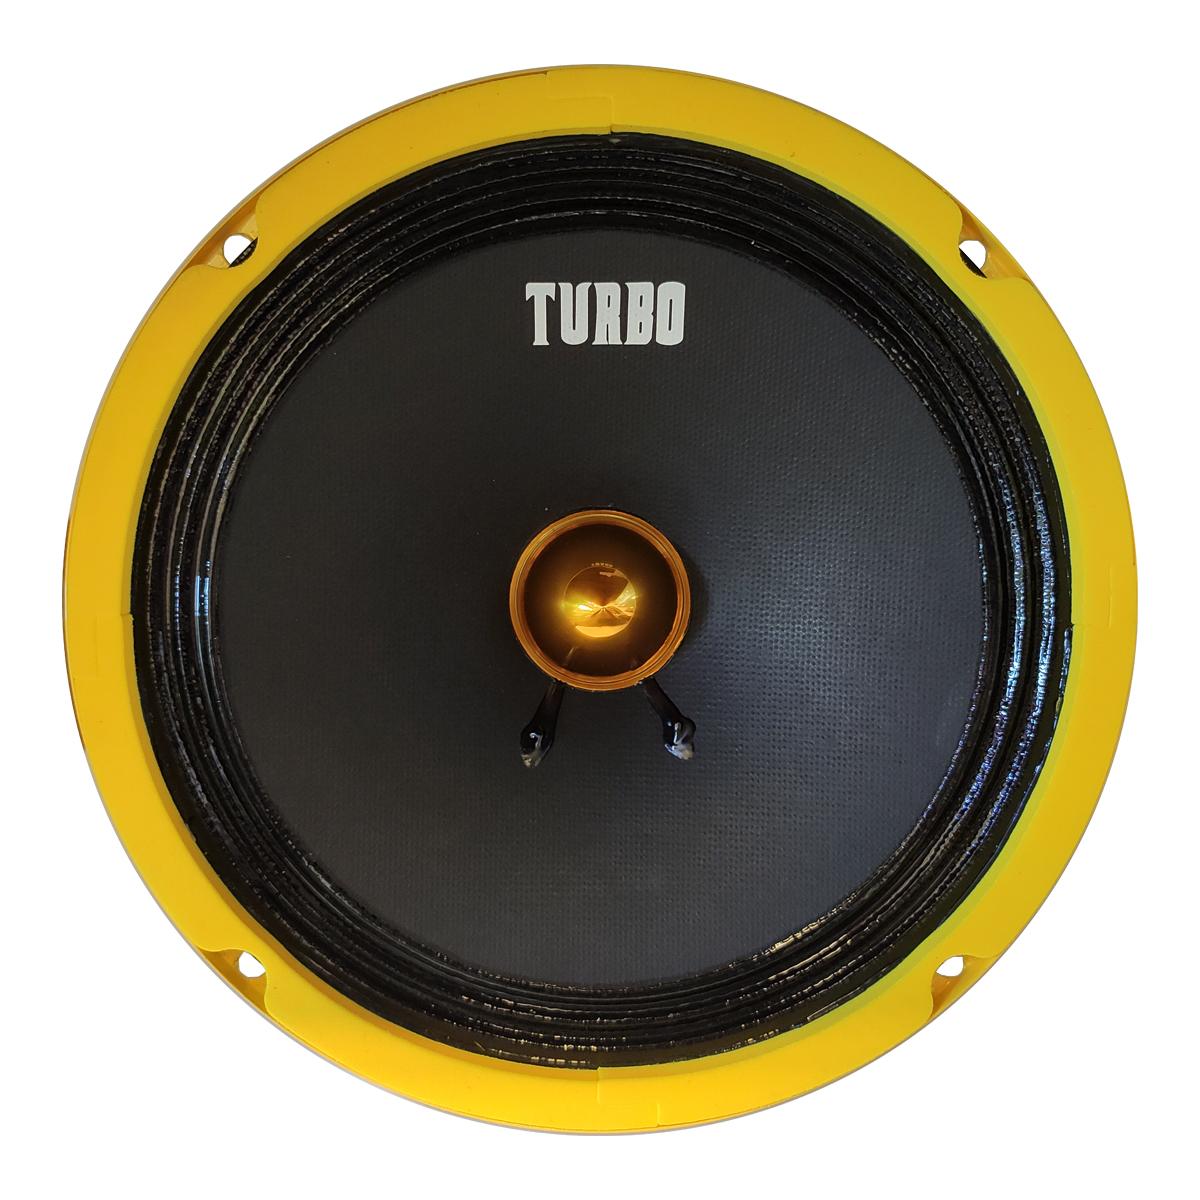 میدرنج خودرو توربو مدل TUB-8